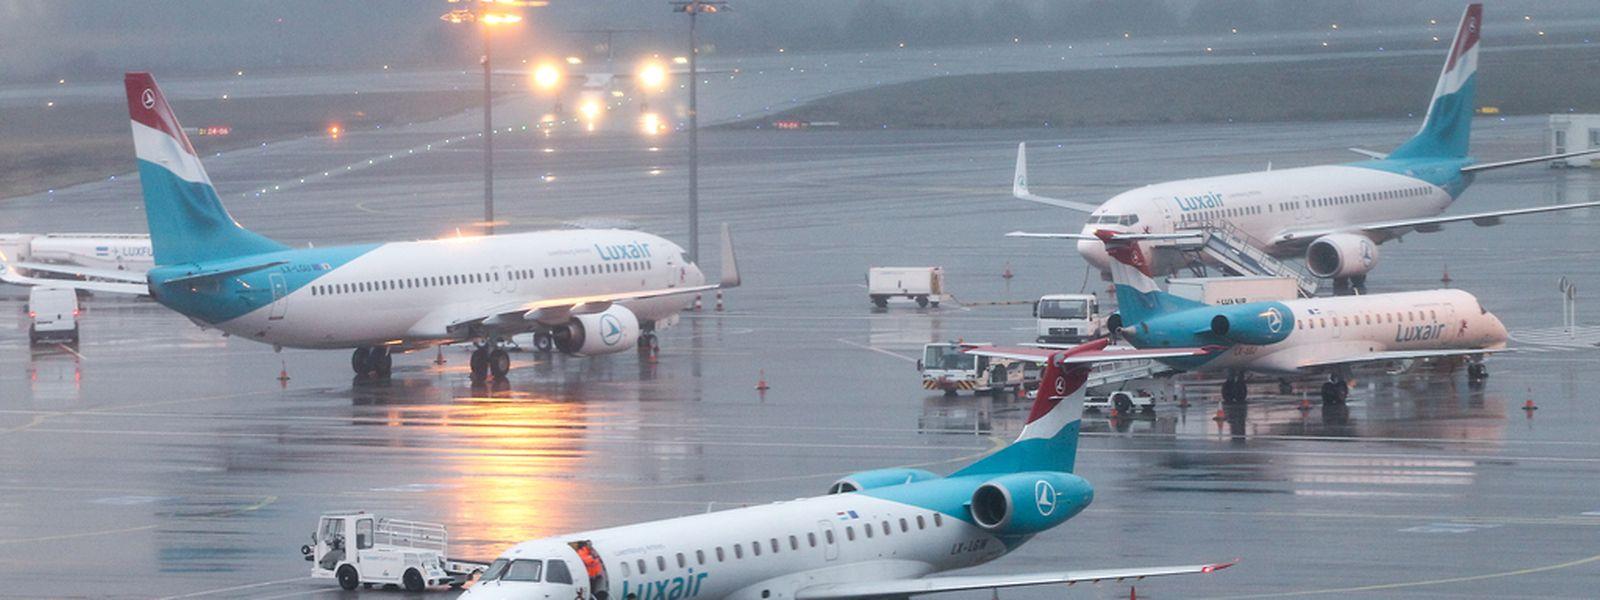 Nach monatelangem Ringen, sollen die Luxair-Direktion und die Gewerkschaften den neuen Kollektivvertrag am Monatg Nachmittag unterzeichnen.